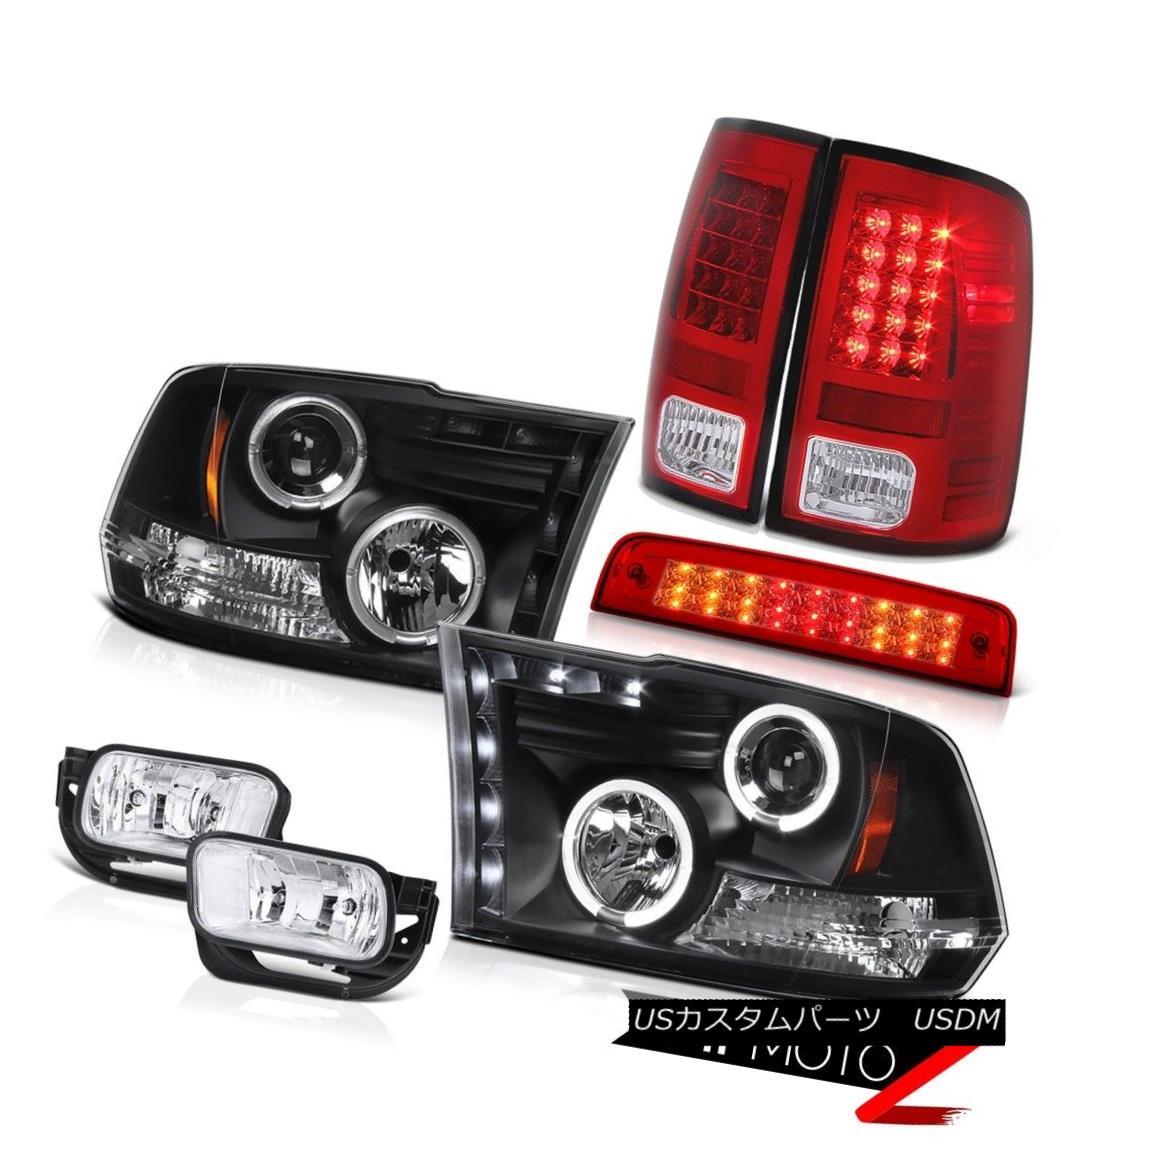 テールライト 2010-2018 Ram 3500 6.4L Red Roof Cargo Light Foglights Taillights Headlamps SMD 2010-2018 Ram 3500 6.4LレッドルーフカーゴライトフォグライトテールライトヘッドランプSMD